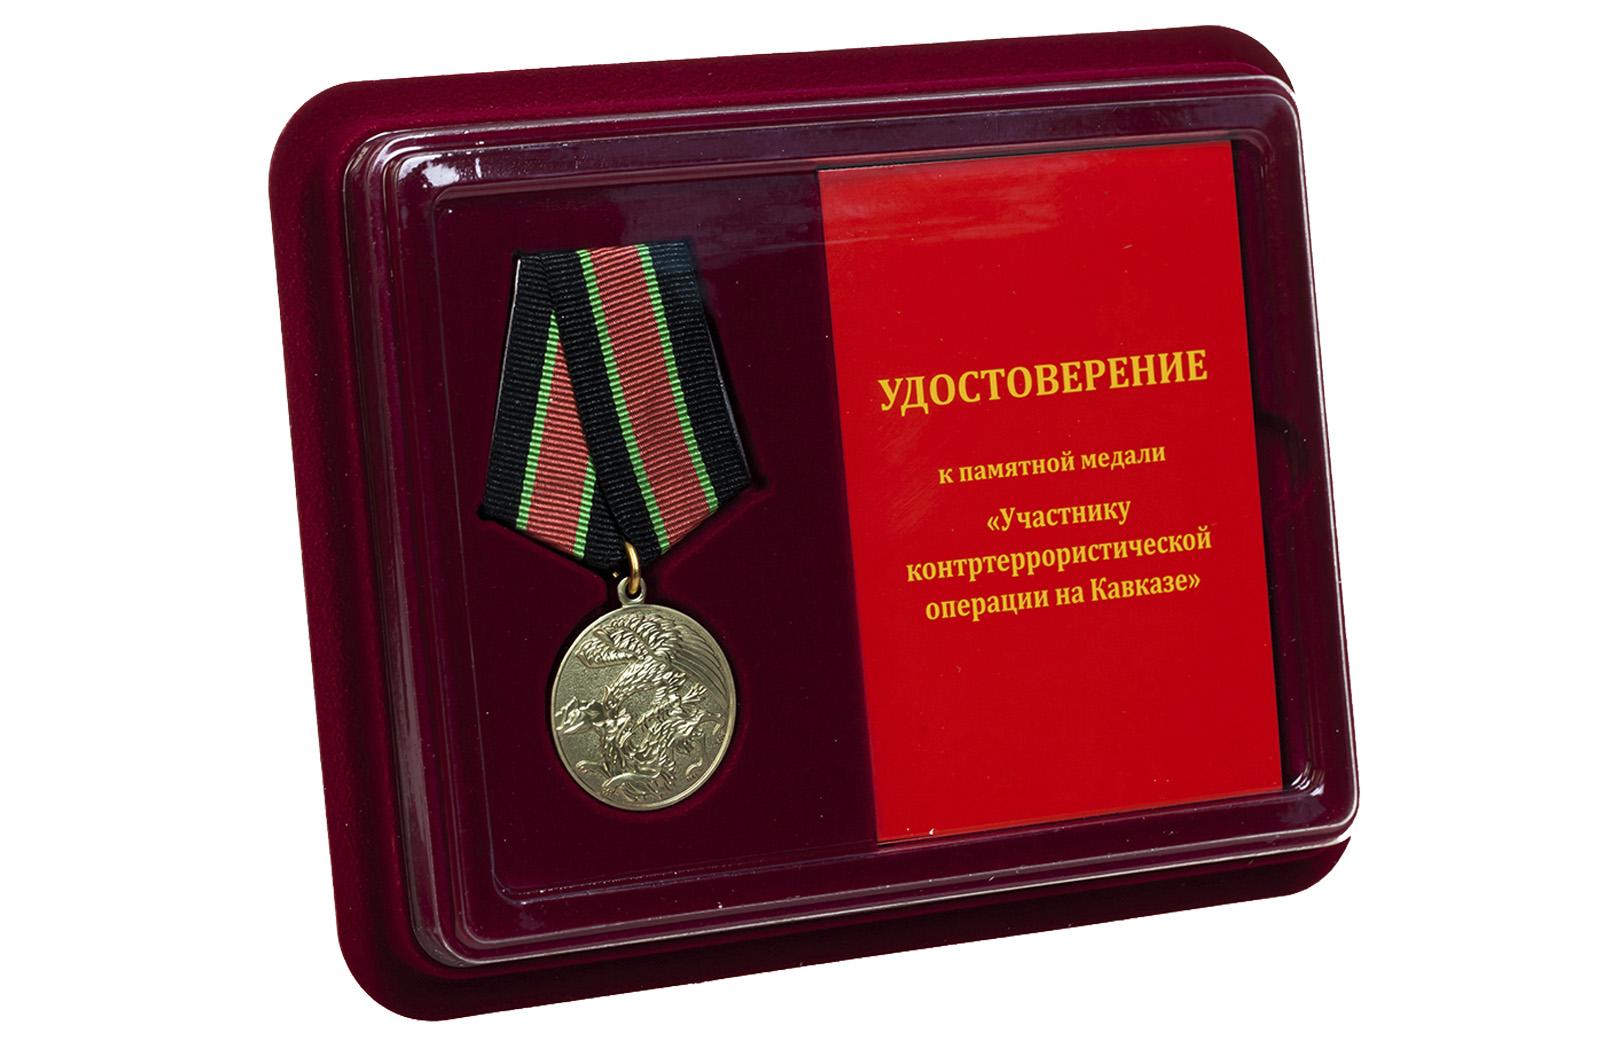 """Медаль """"За контртеррористическую операцию на Кавказе"""" в футляре"""